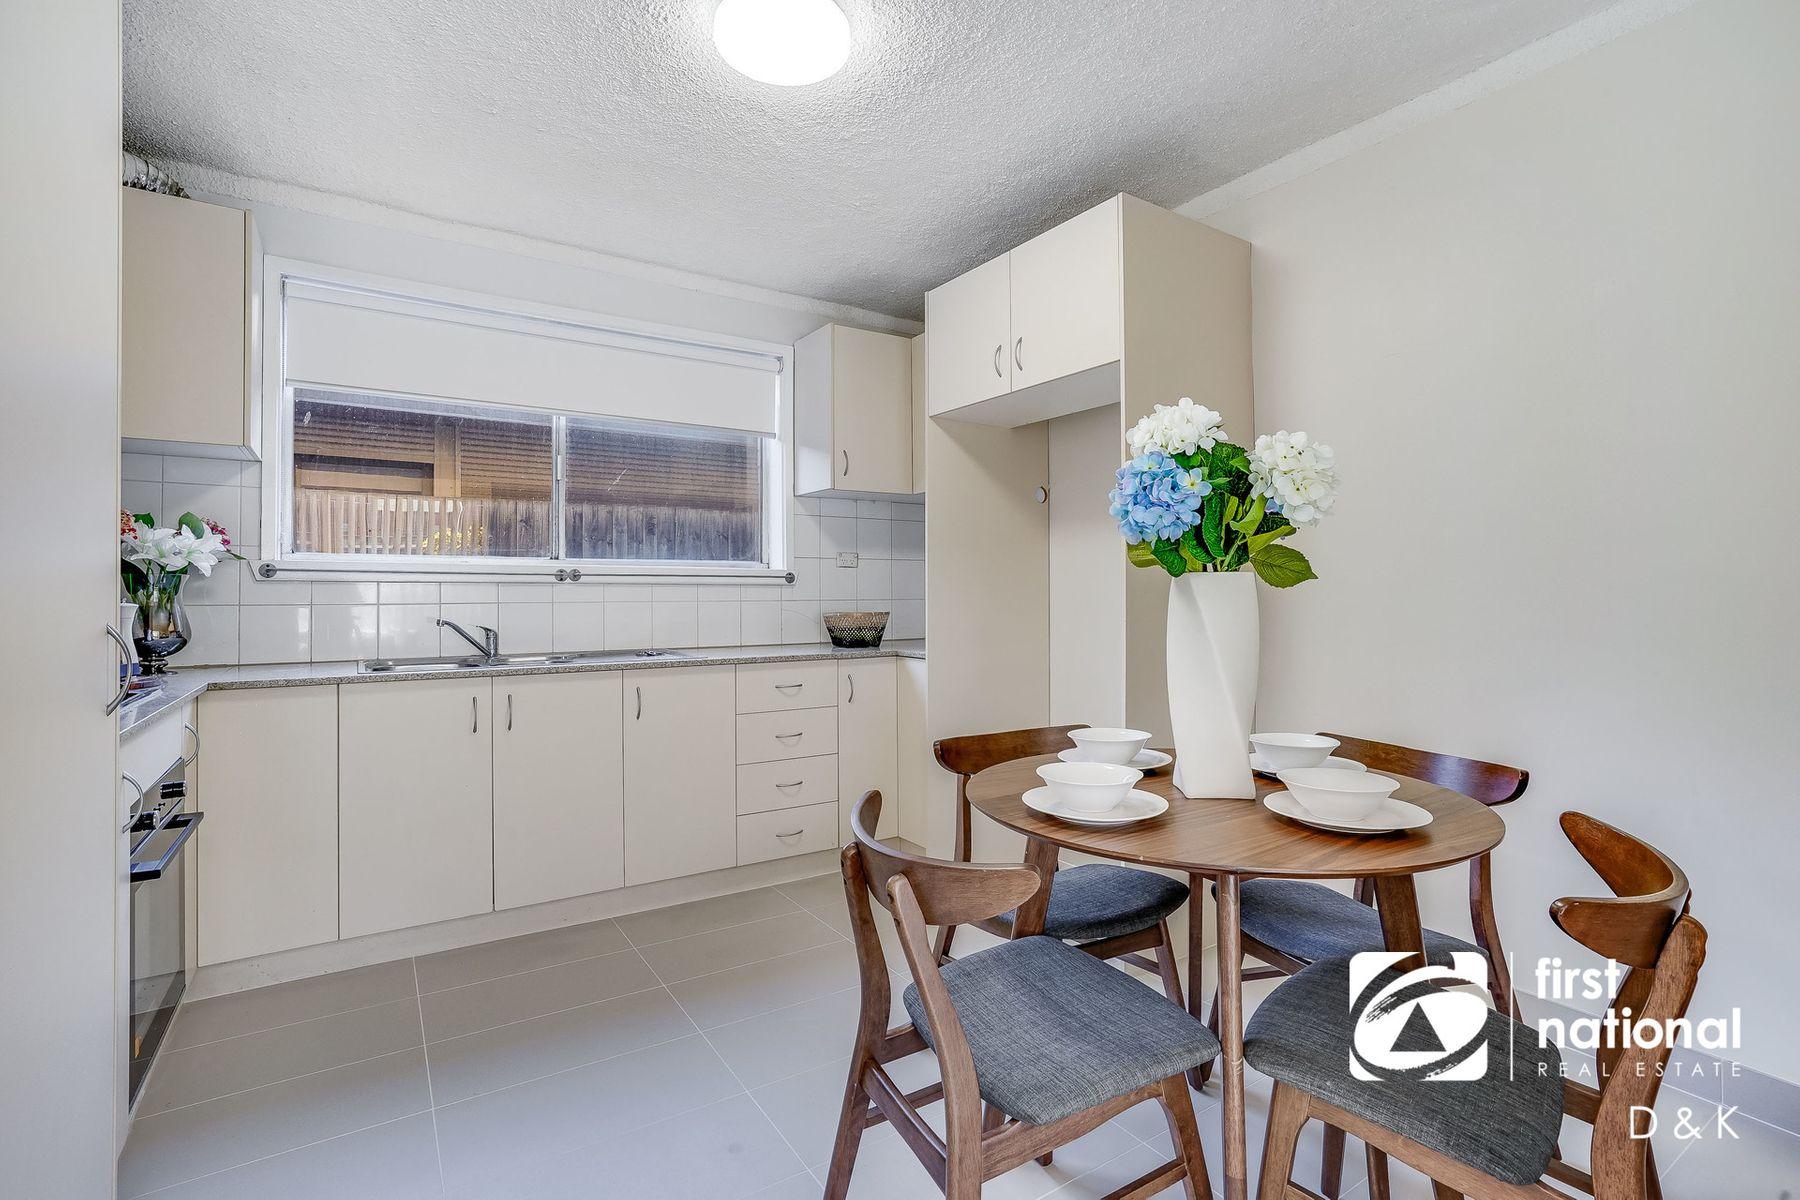 3/100 Rupert Street, West Footscray, VIC 3012